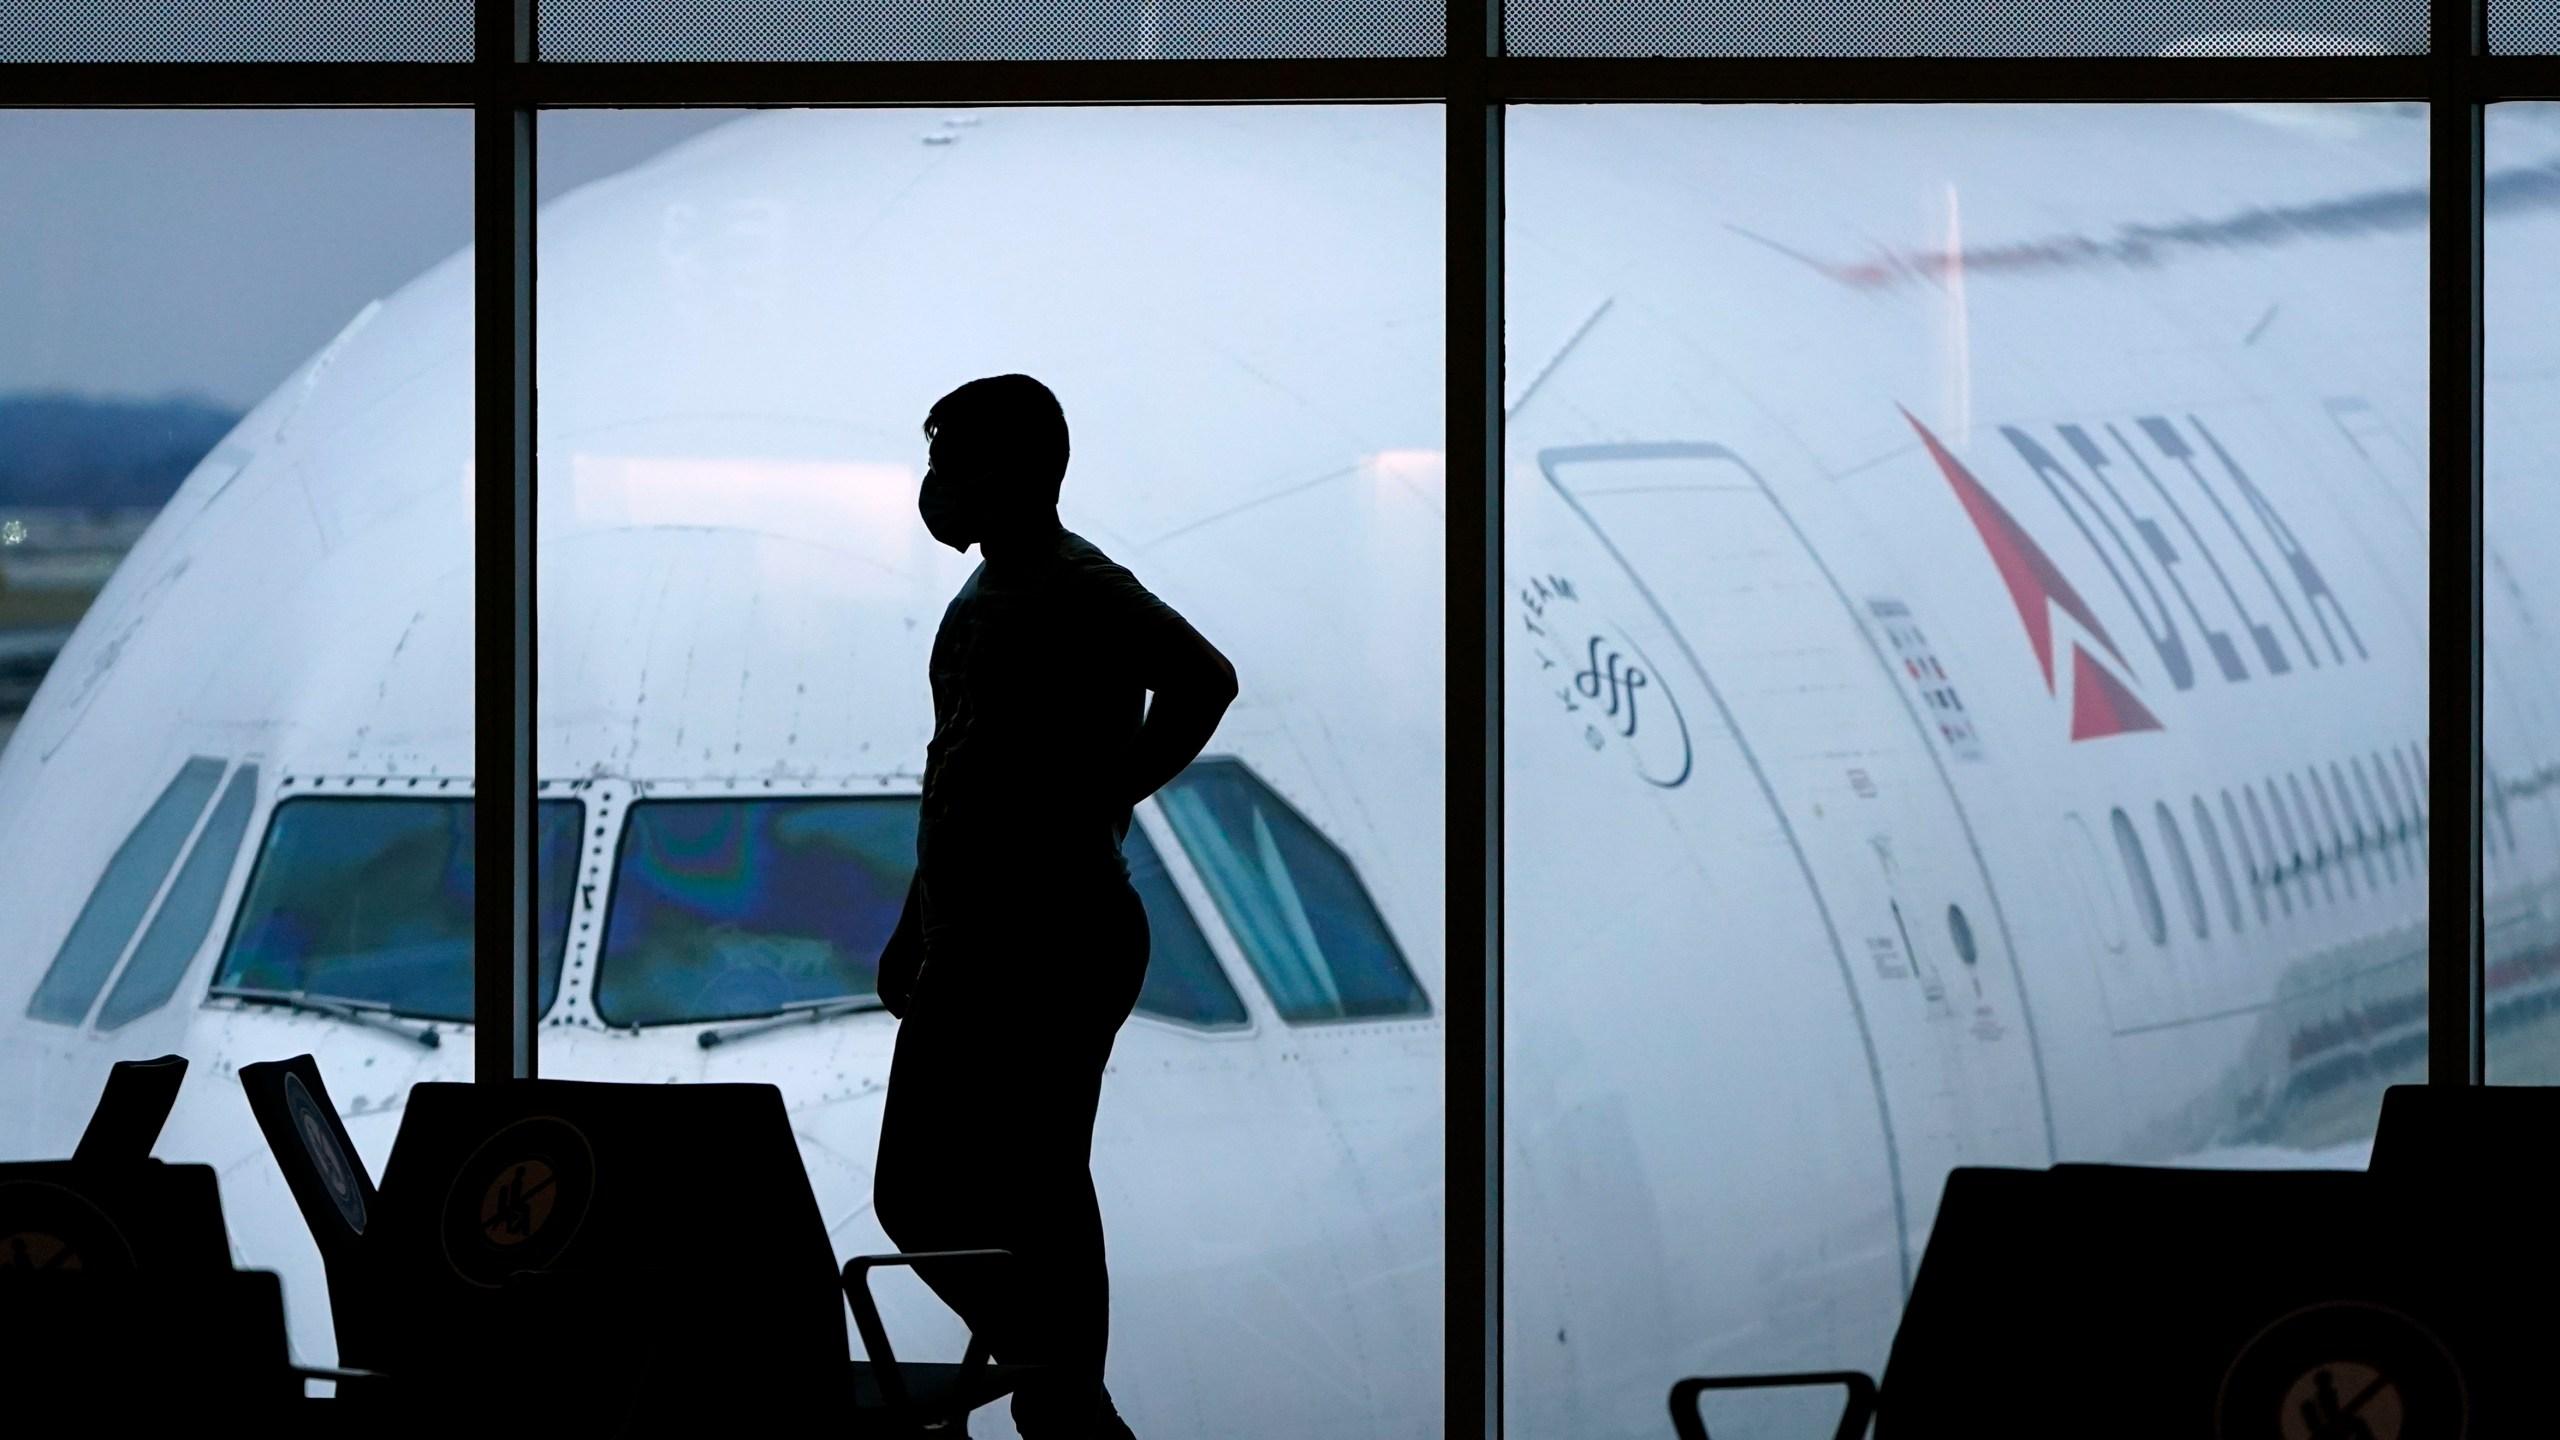 unruly passengers fines top $1 million